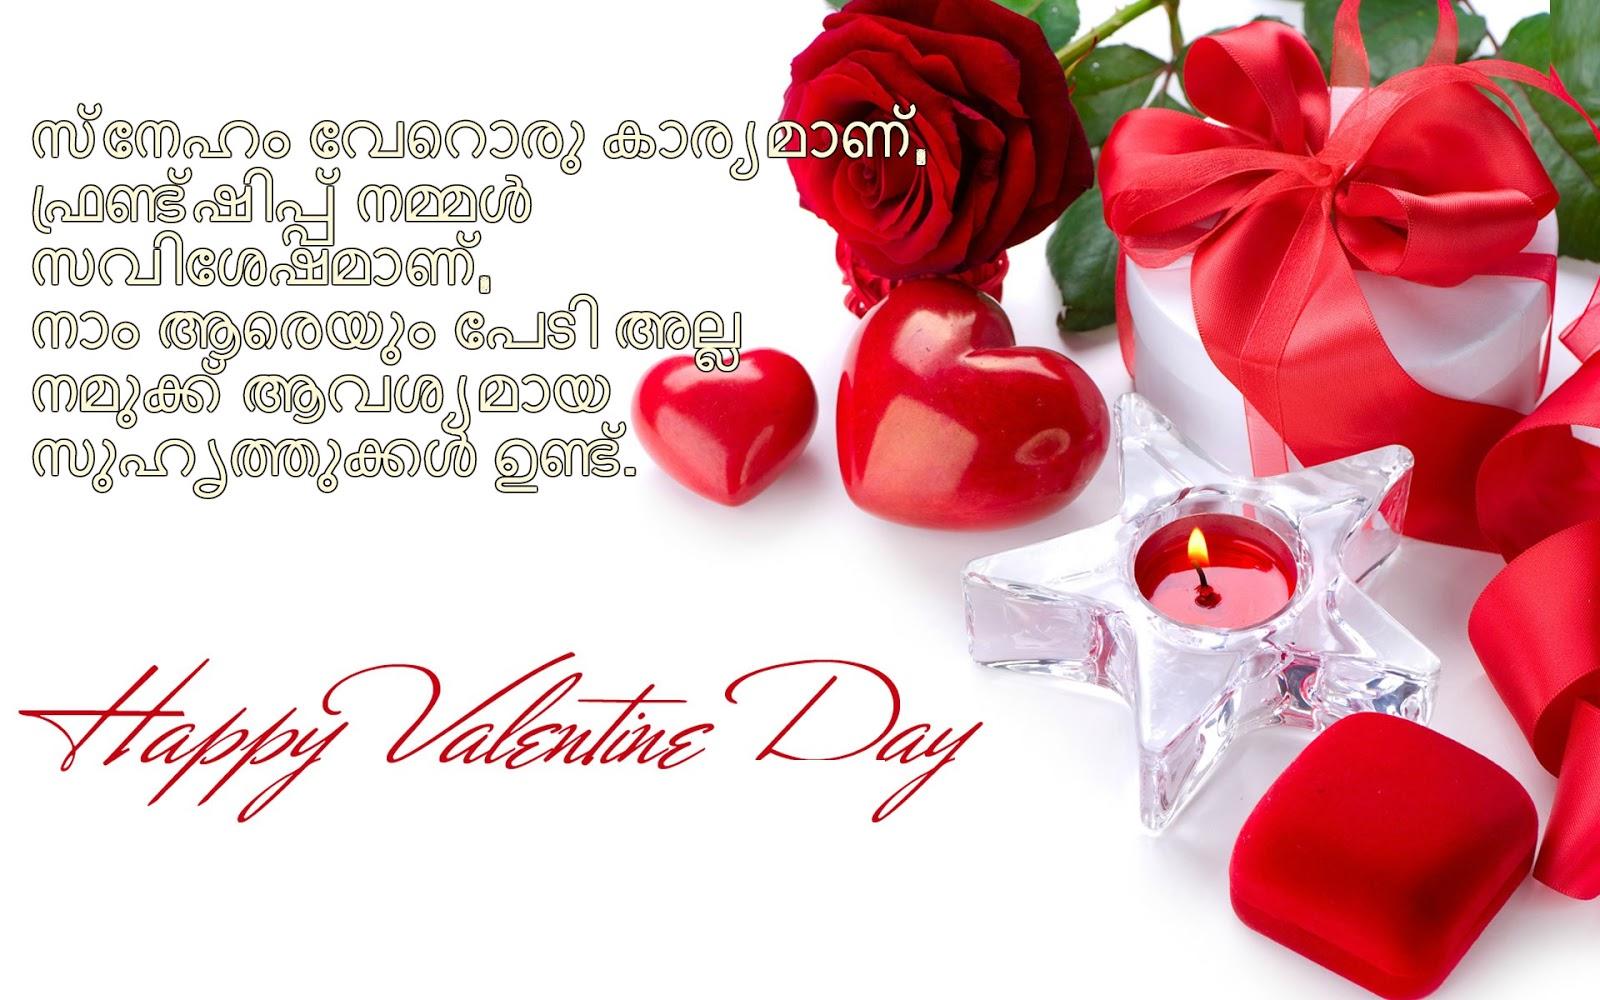 بالصور صور لعيد الحب , اجمل صور عيد الحب 4946 3